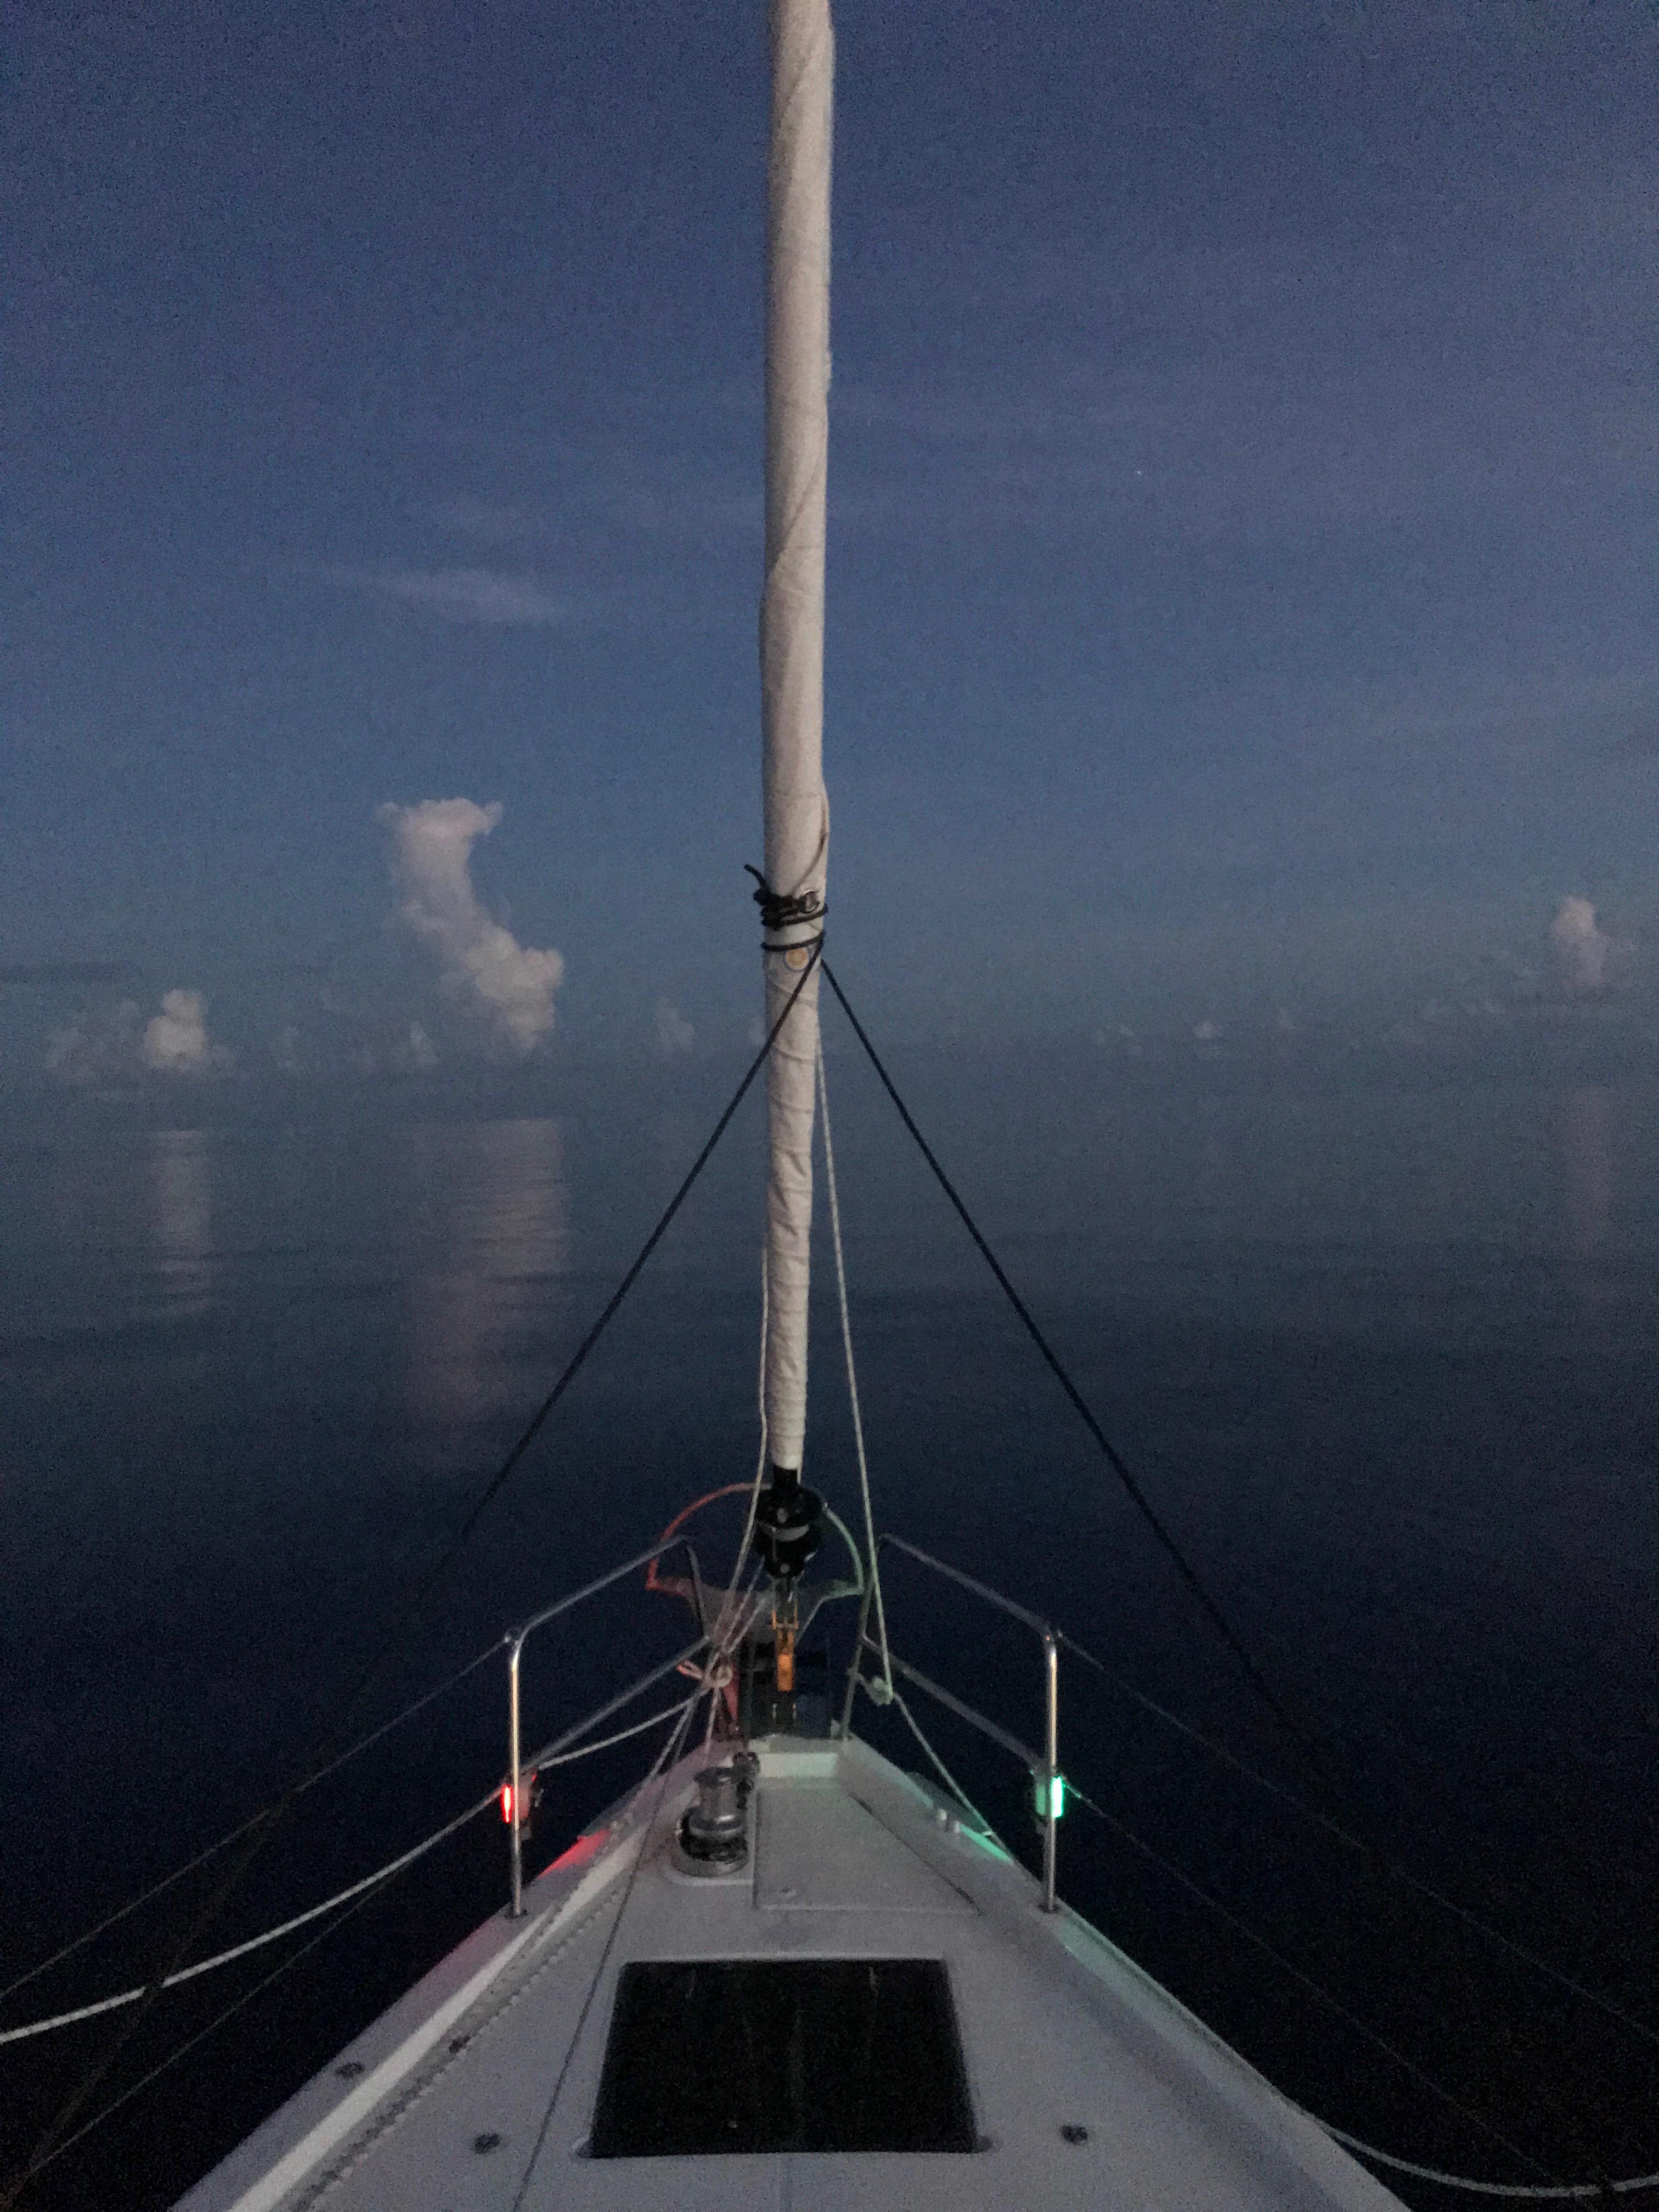 S/v Koa crossing the Gulf of Mexico.